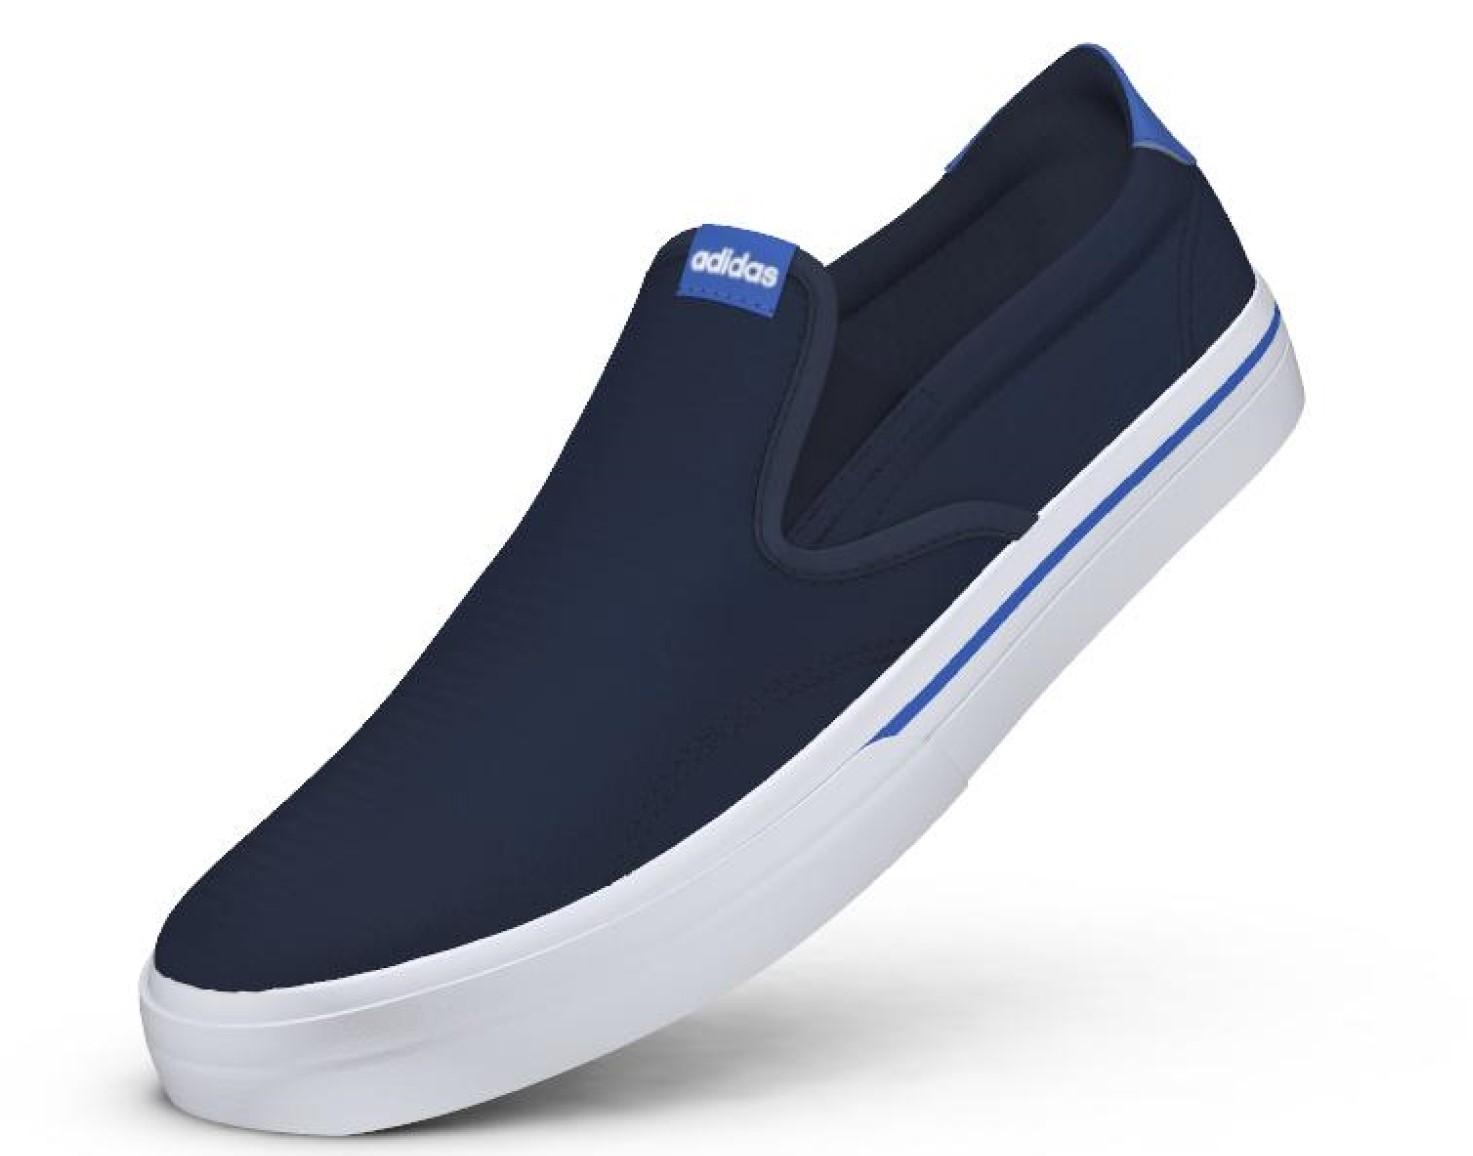 bb27f40b8 Pánske slip-on topánky adidas GVP SO modré | AD Sport.sk